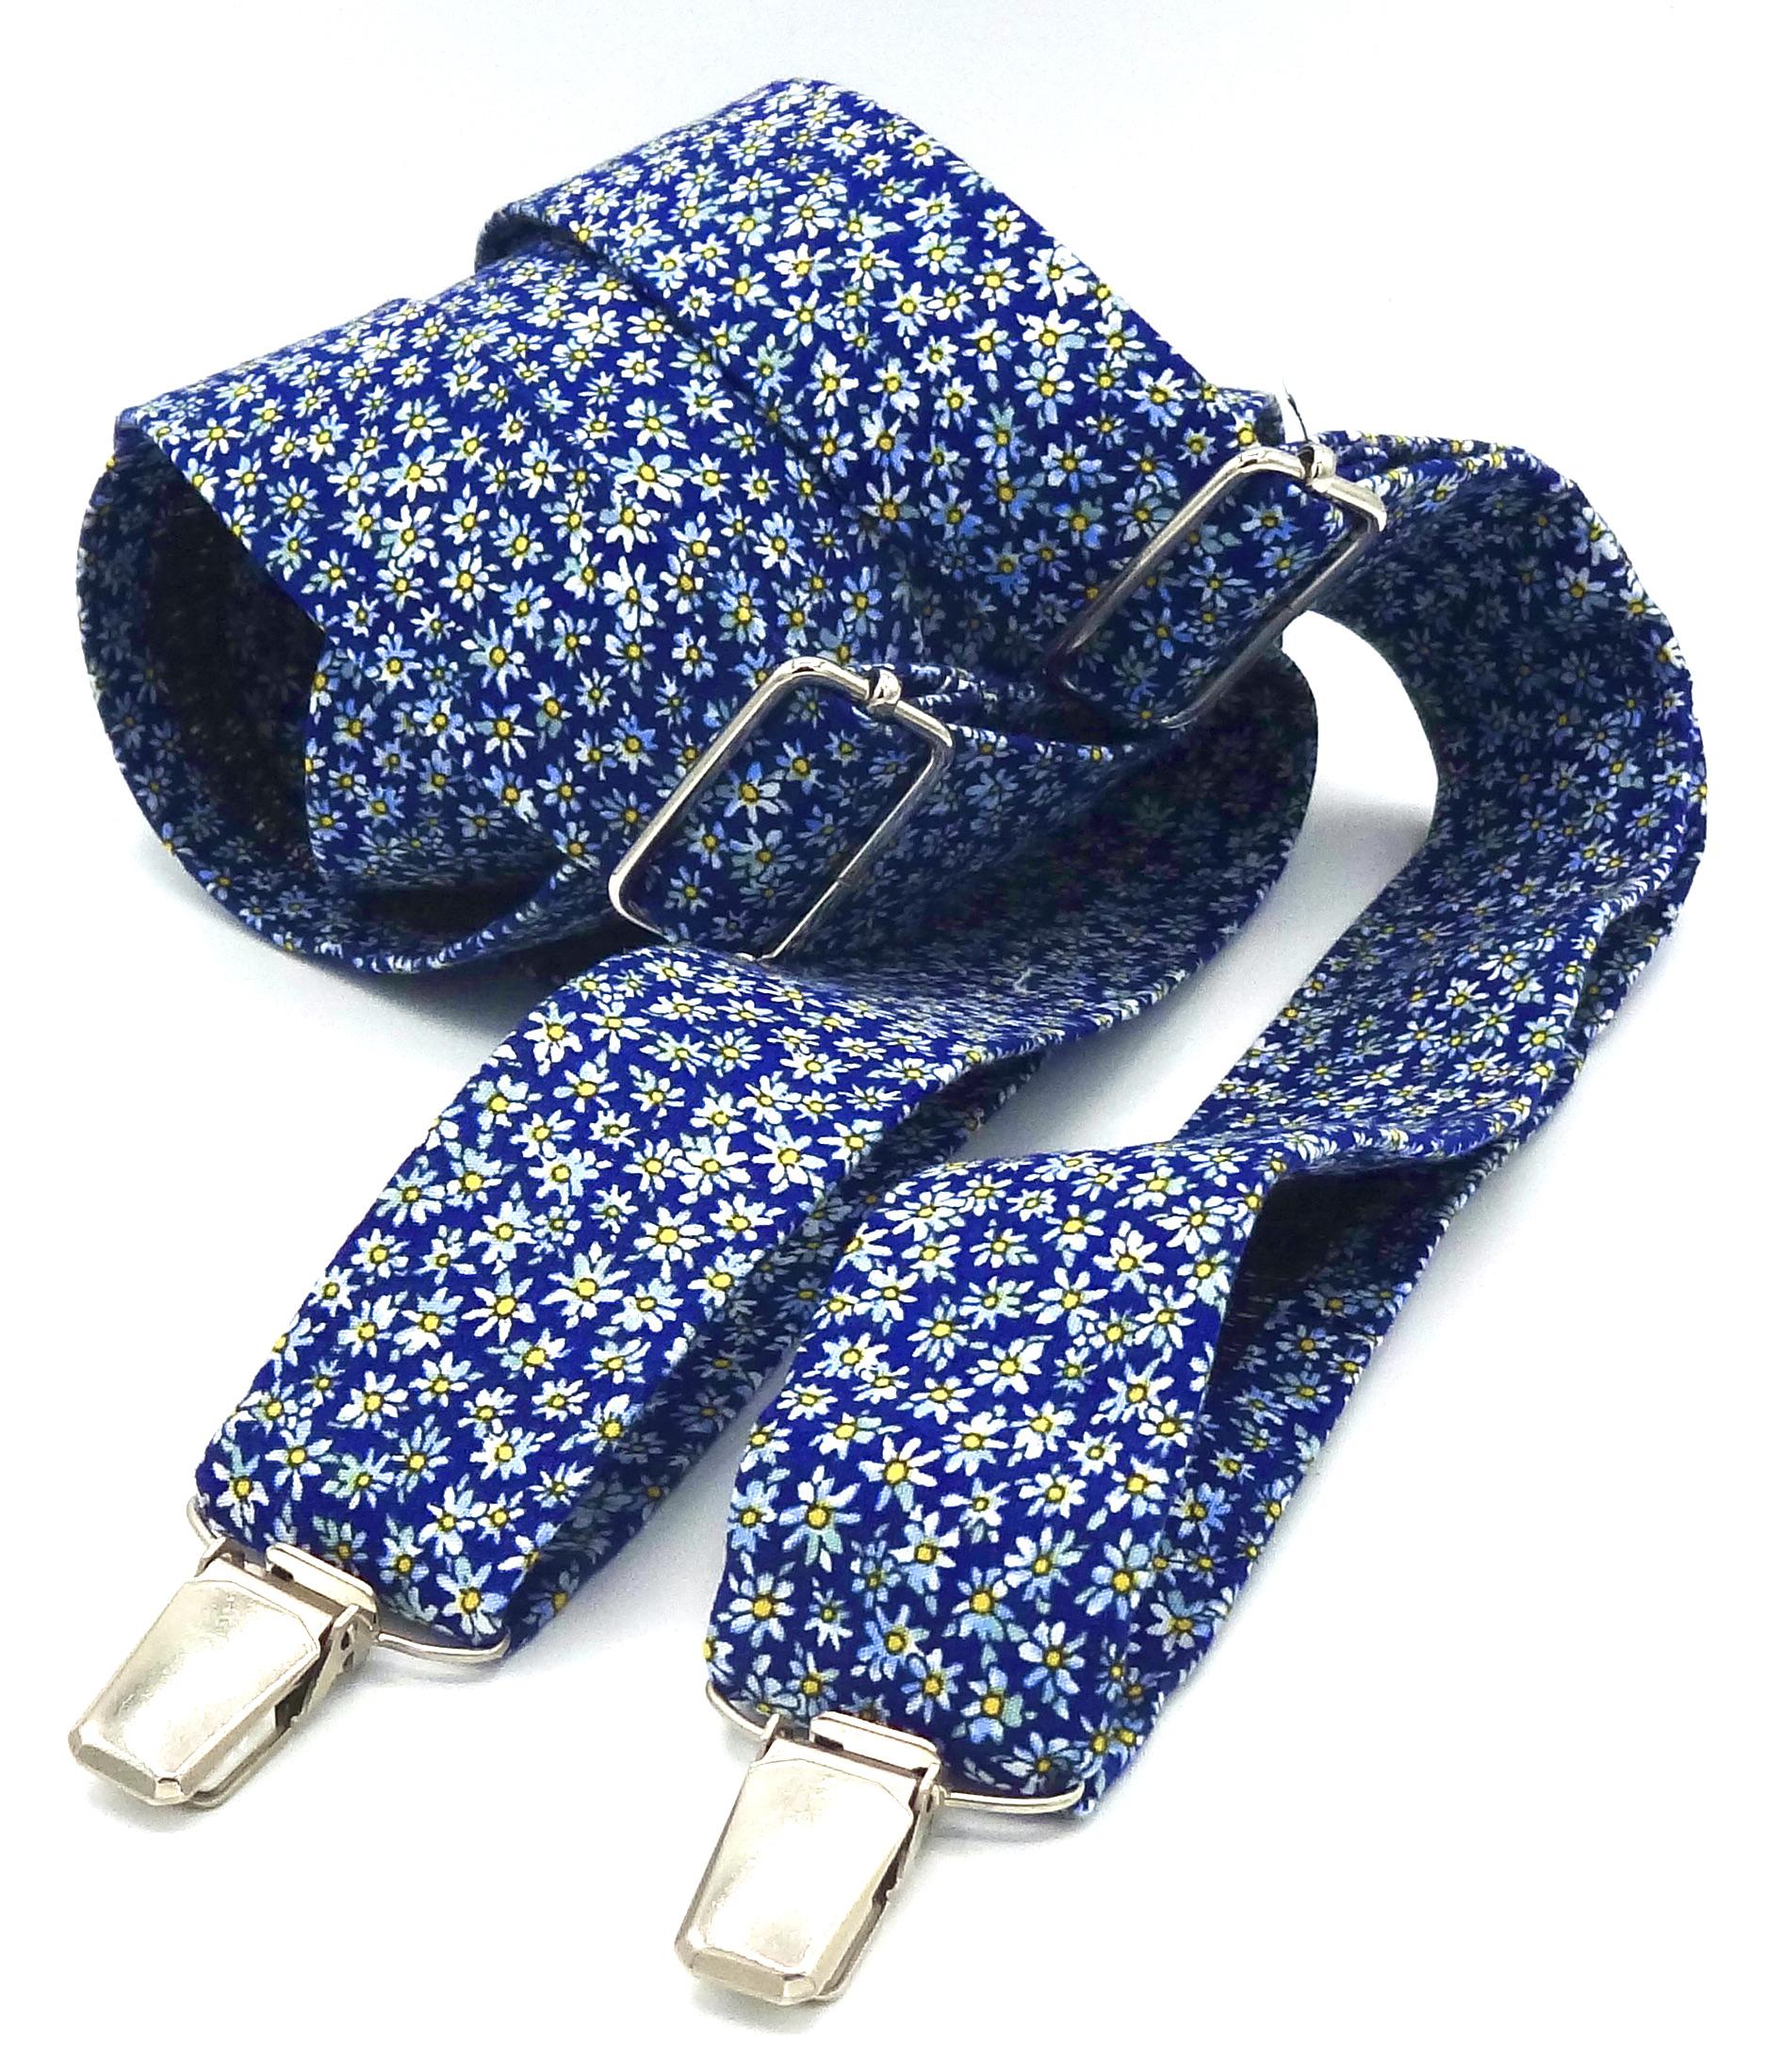 Bretels blauw met witte bloemetjes